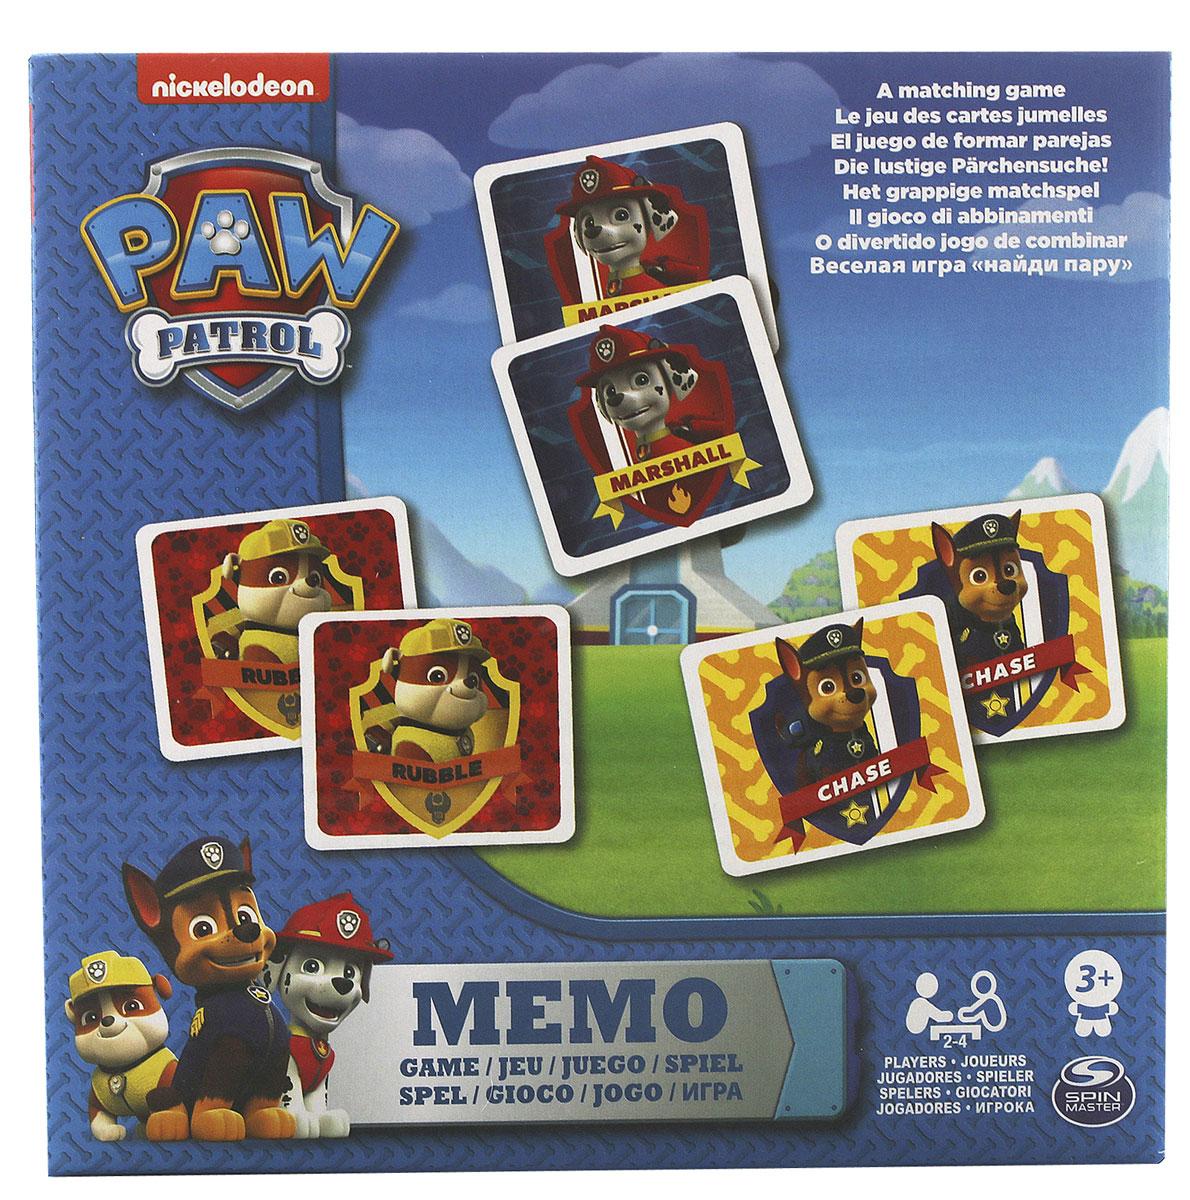 Paw Patrol Обучающая игра Мемо6033326Настольная игра Memory. 48 карточек (24 пары). Отлично развивает память.